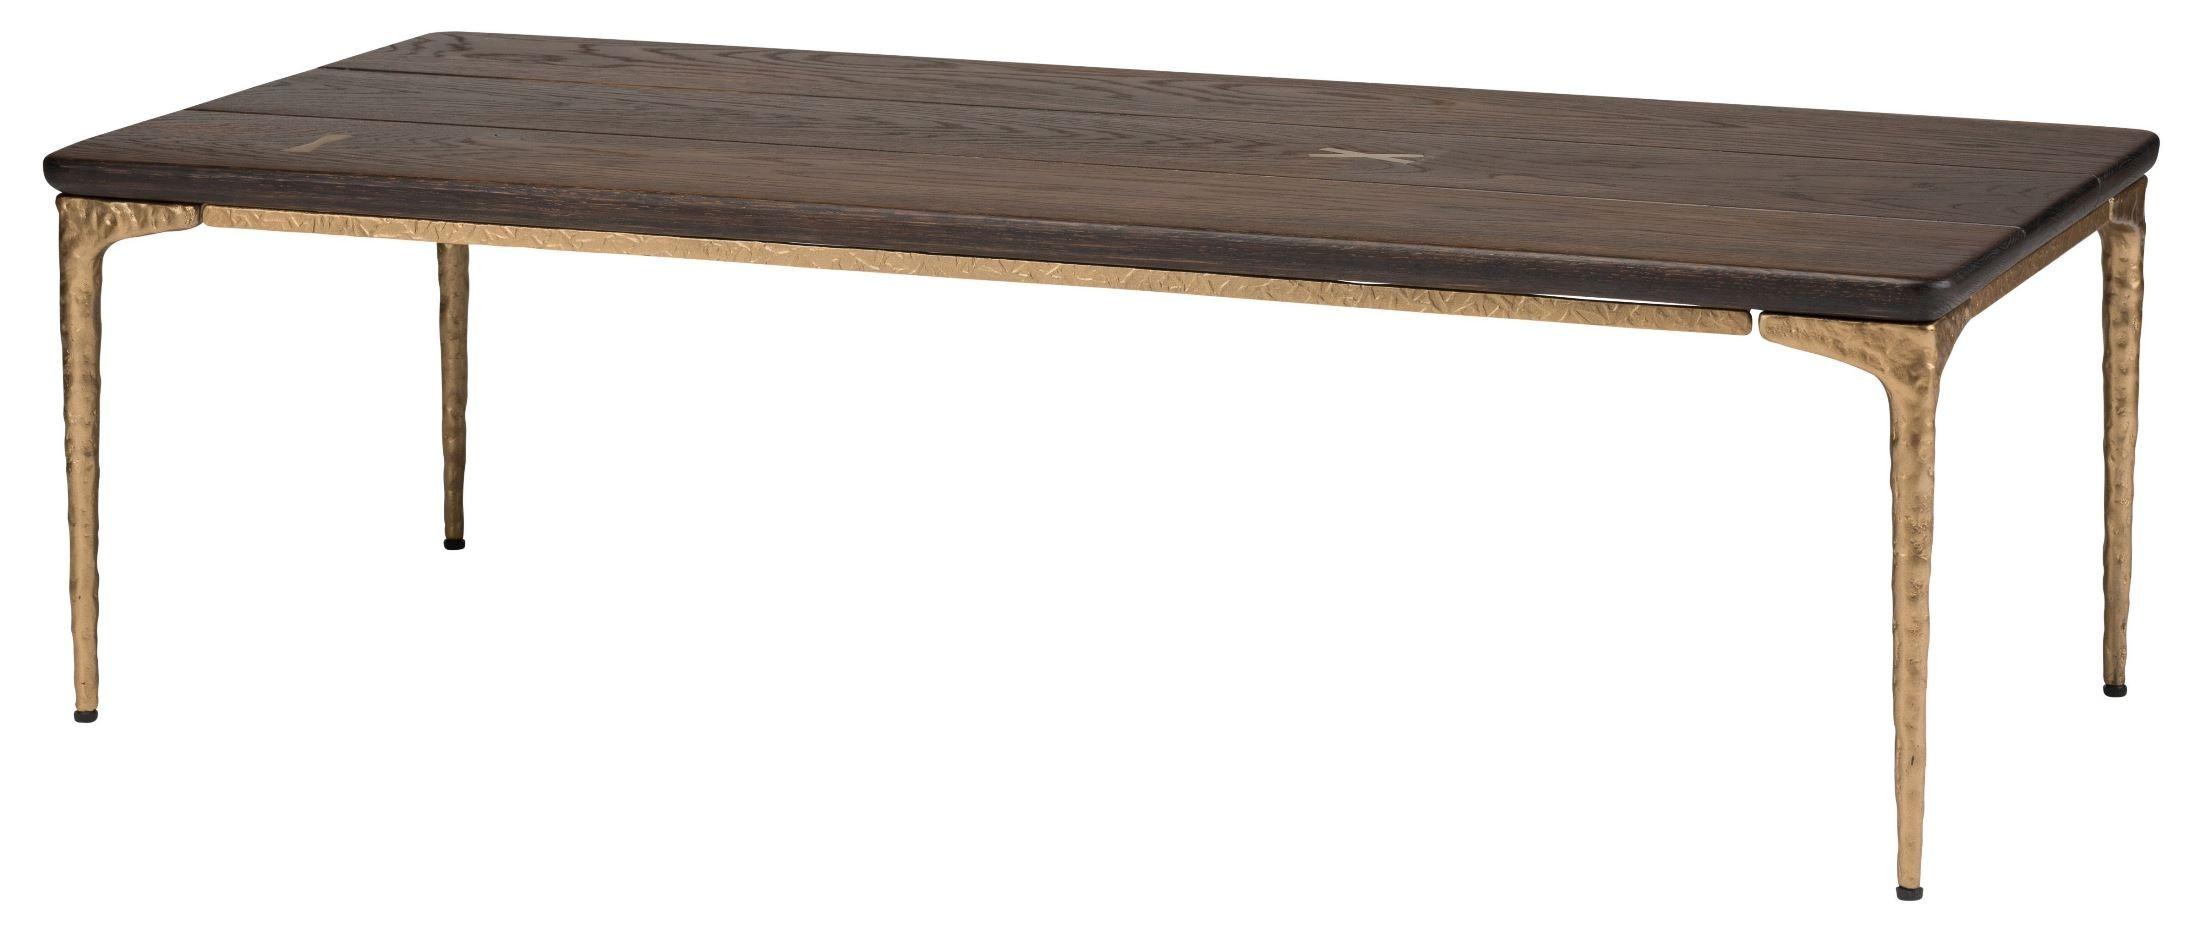 Kulu seared wood coffee table hgsr626 nuevo for Bronze metal coffee table